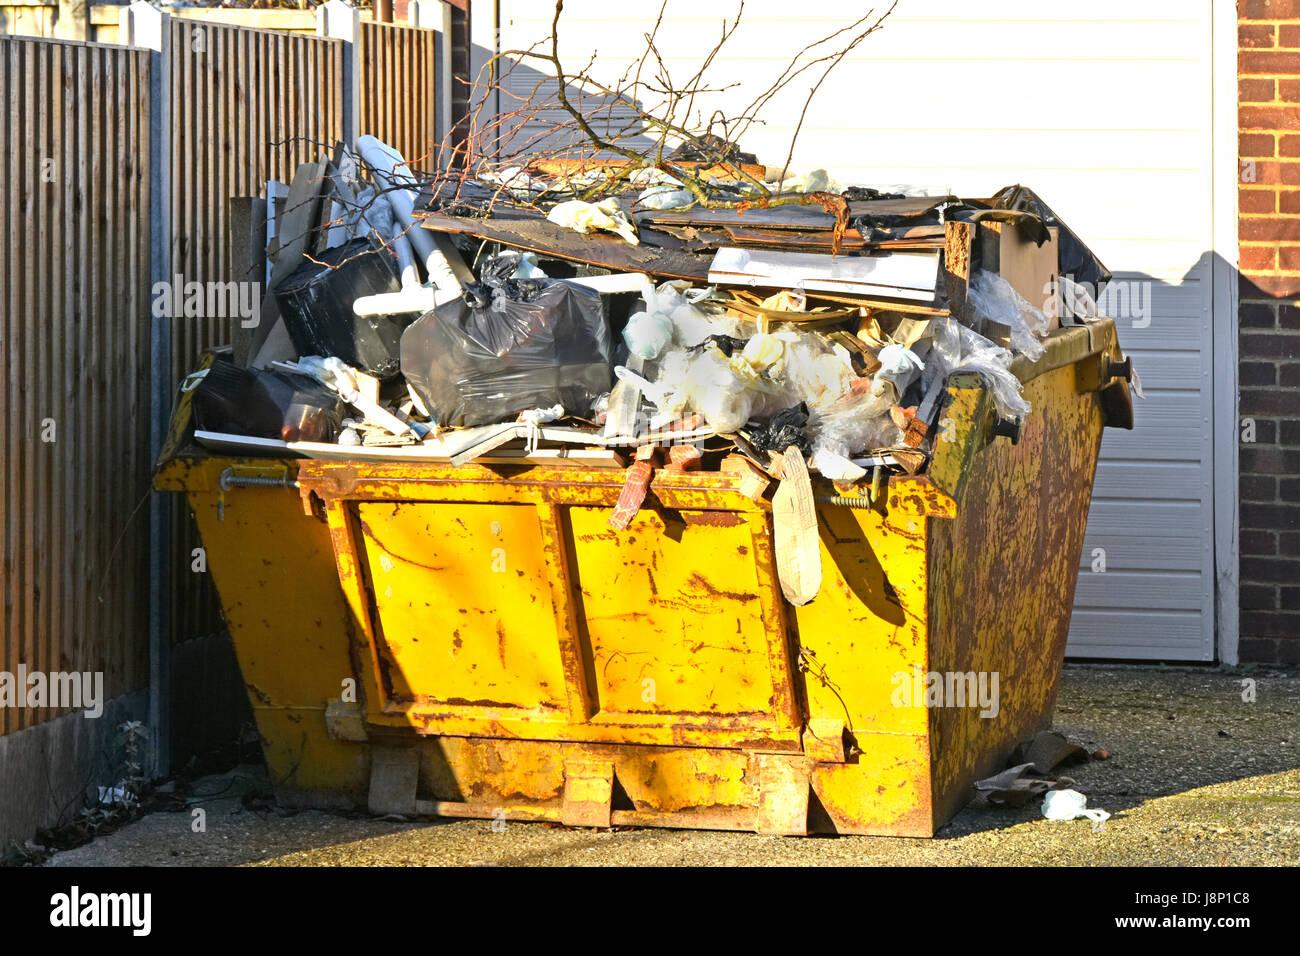 Full UK skip to bin rubbish uk logistique Gestion des déchets Déchets ordures débordant en attente Photo Stock